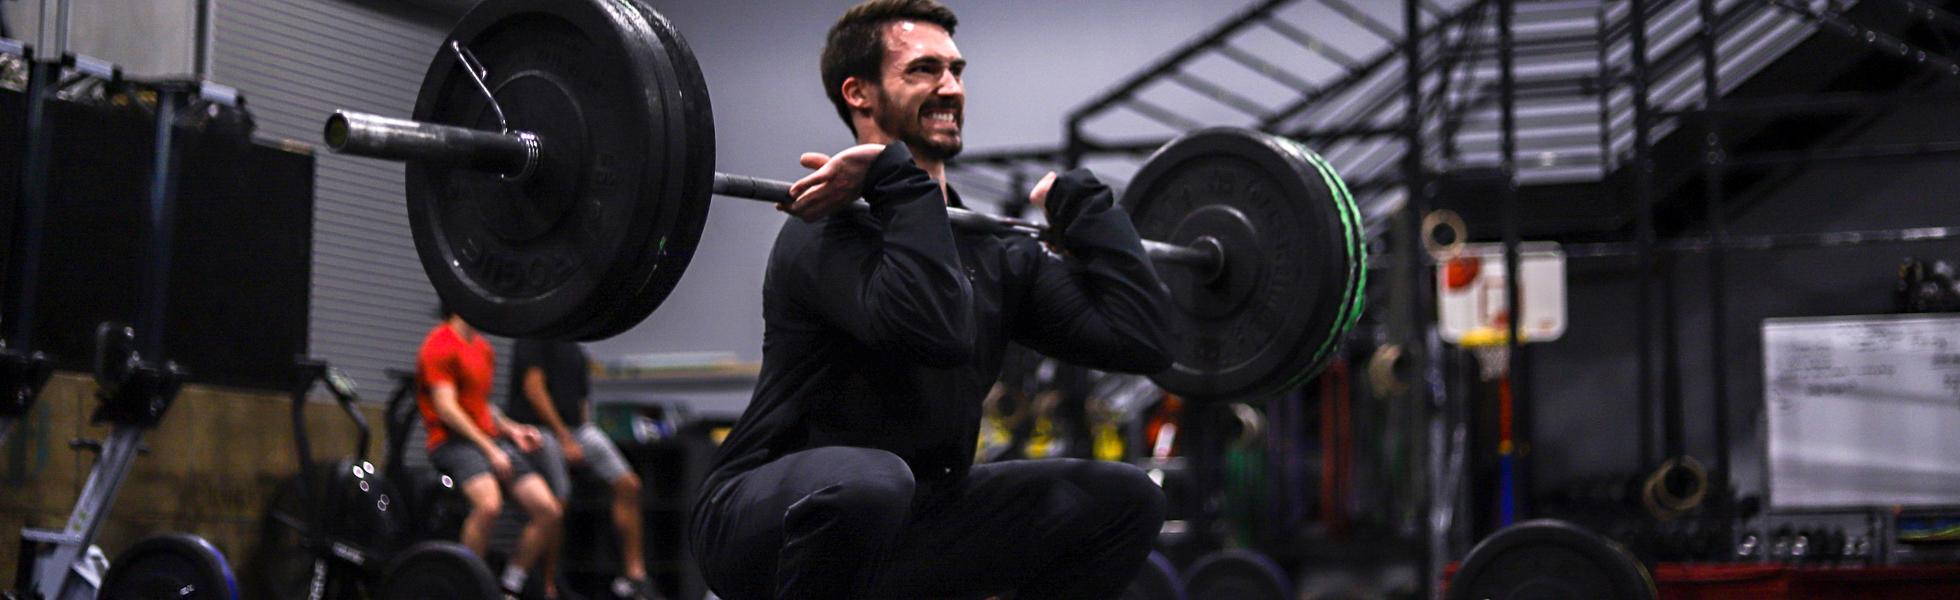 CrossFit in Las Vegas, CrossFit Gym in Las Vegas, Fitness Gym in Las Vegas